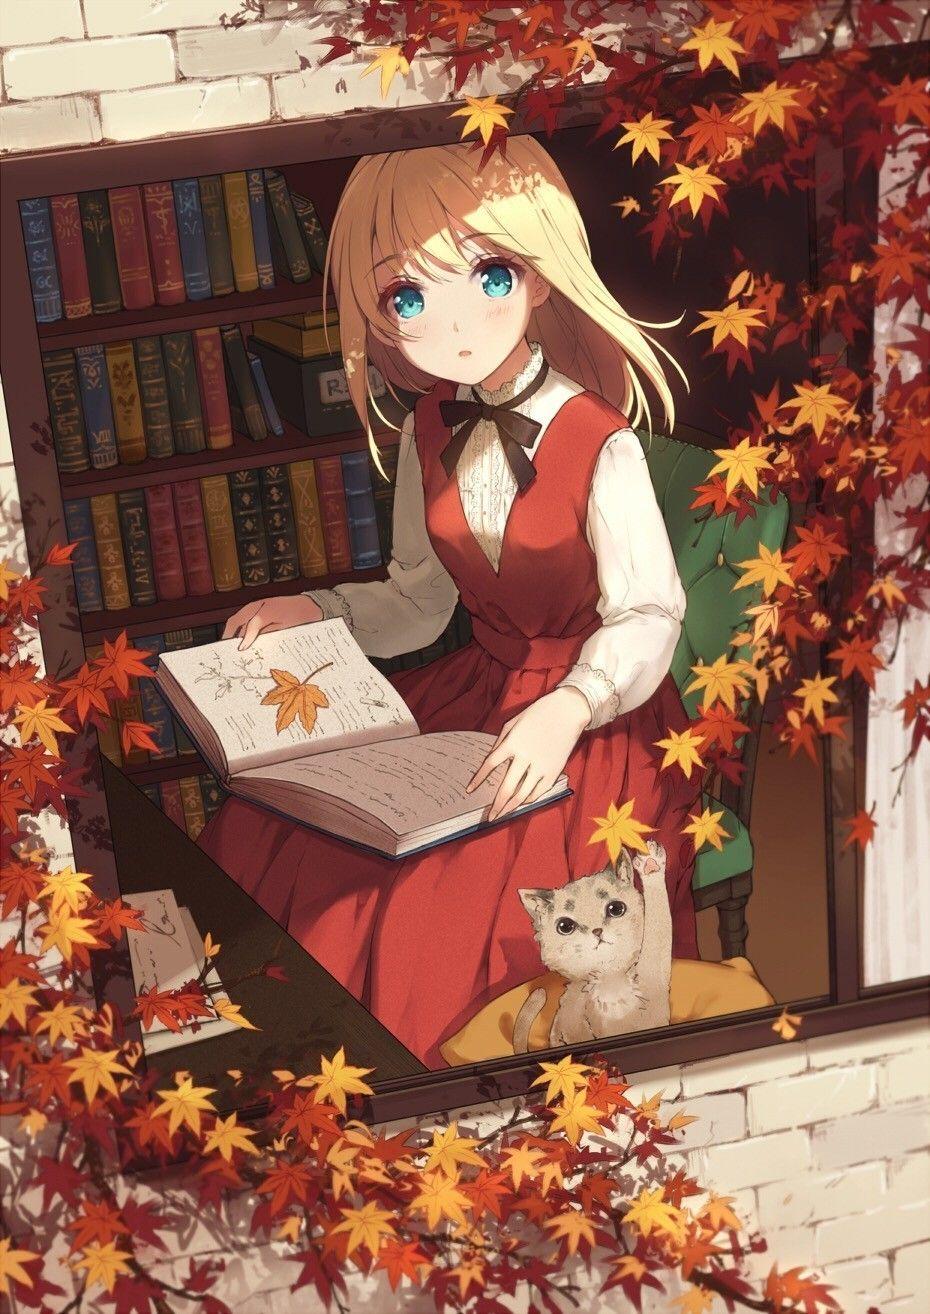 Enime Girls_Save By_Æ•βīβī¯ツ Anime, Kawaii, Lelaki anime